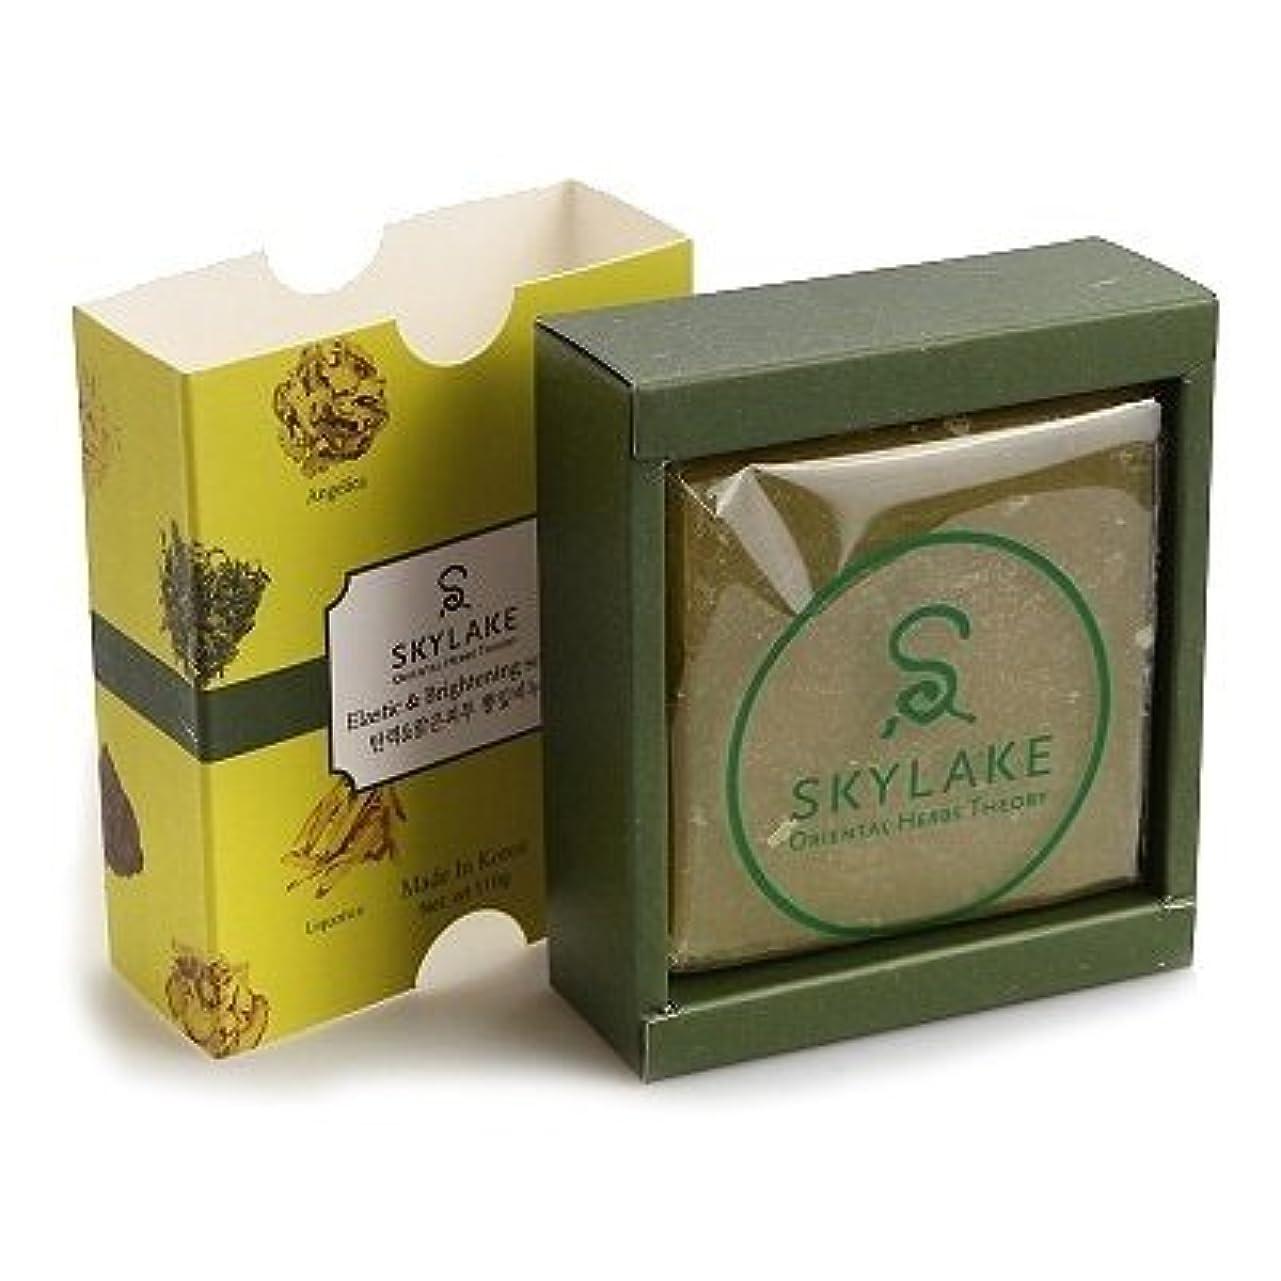 断言する成功あたり[1+1]ハヌルホス[Skylake] 漢方アロマ石鹸Oriental Herbs Theory Soap (ハリ改善&ブライトニング用)